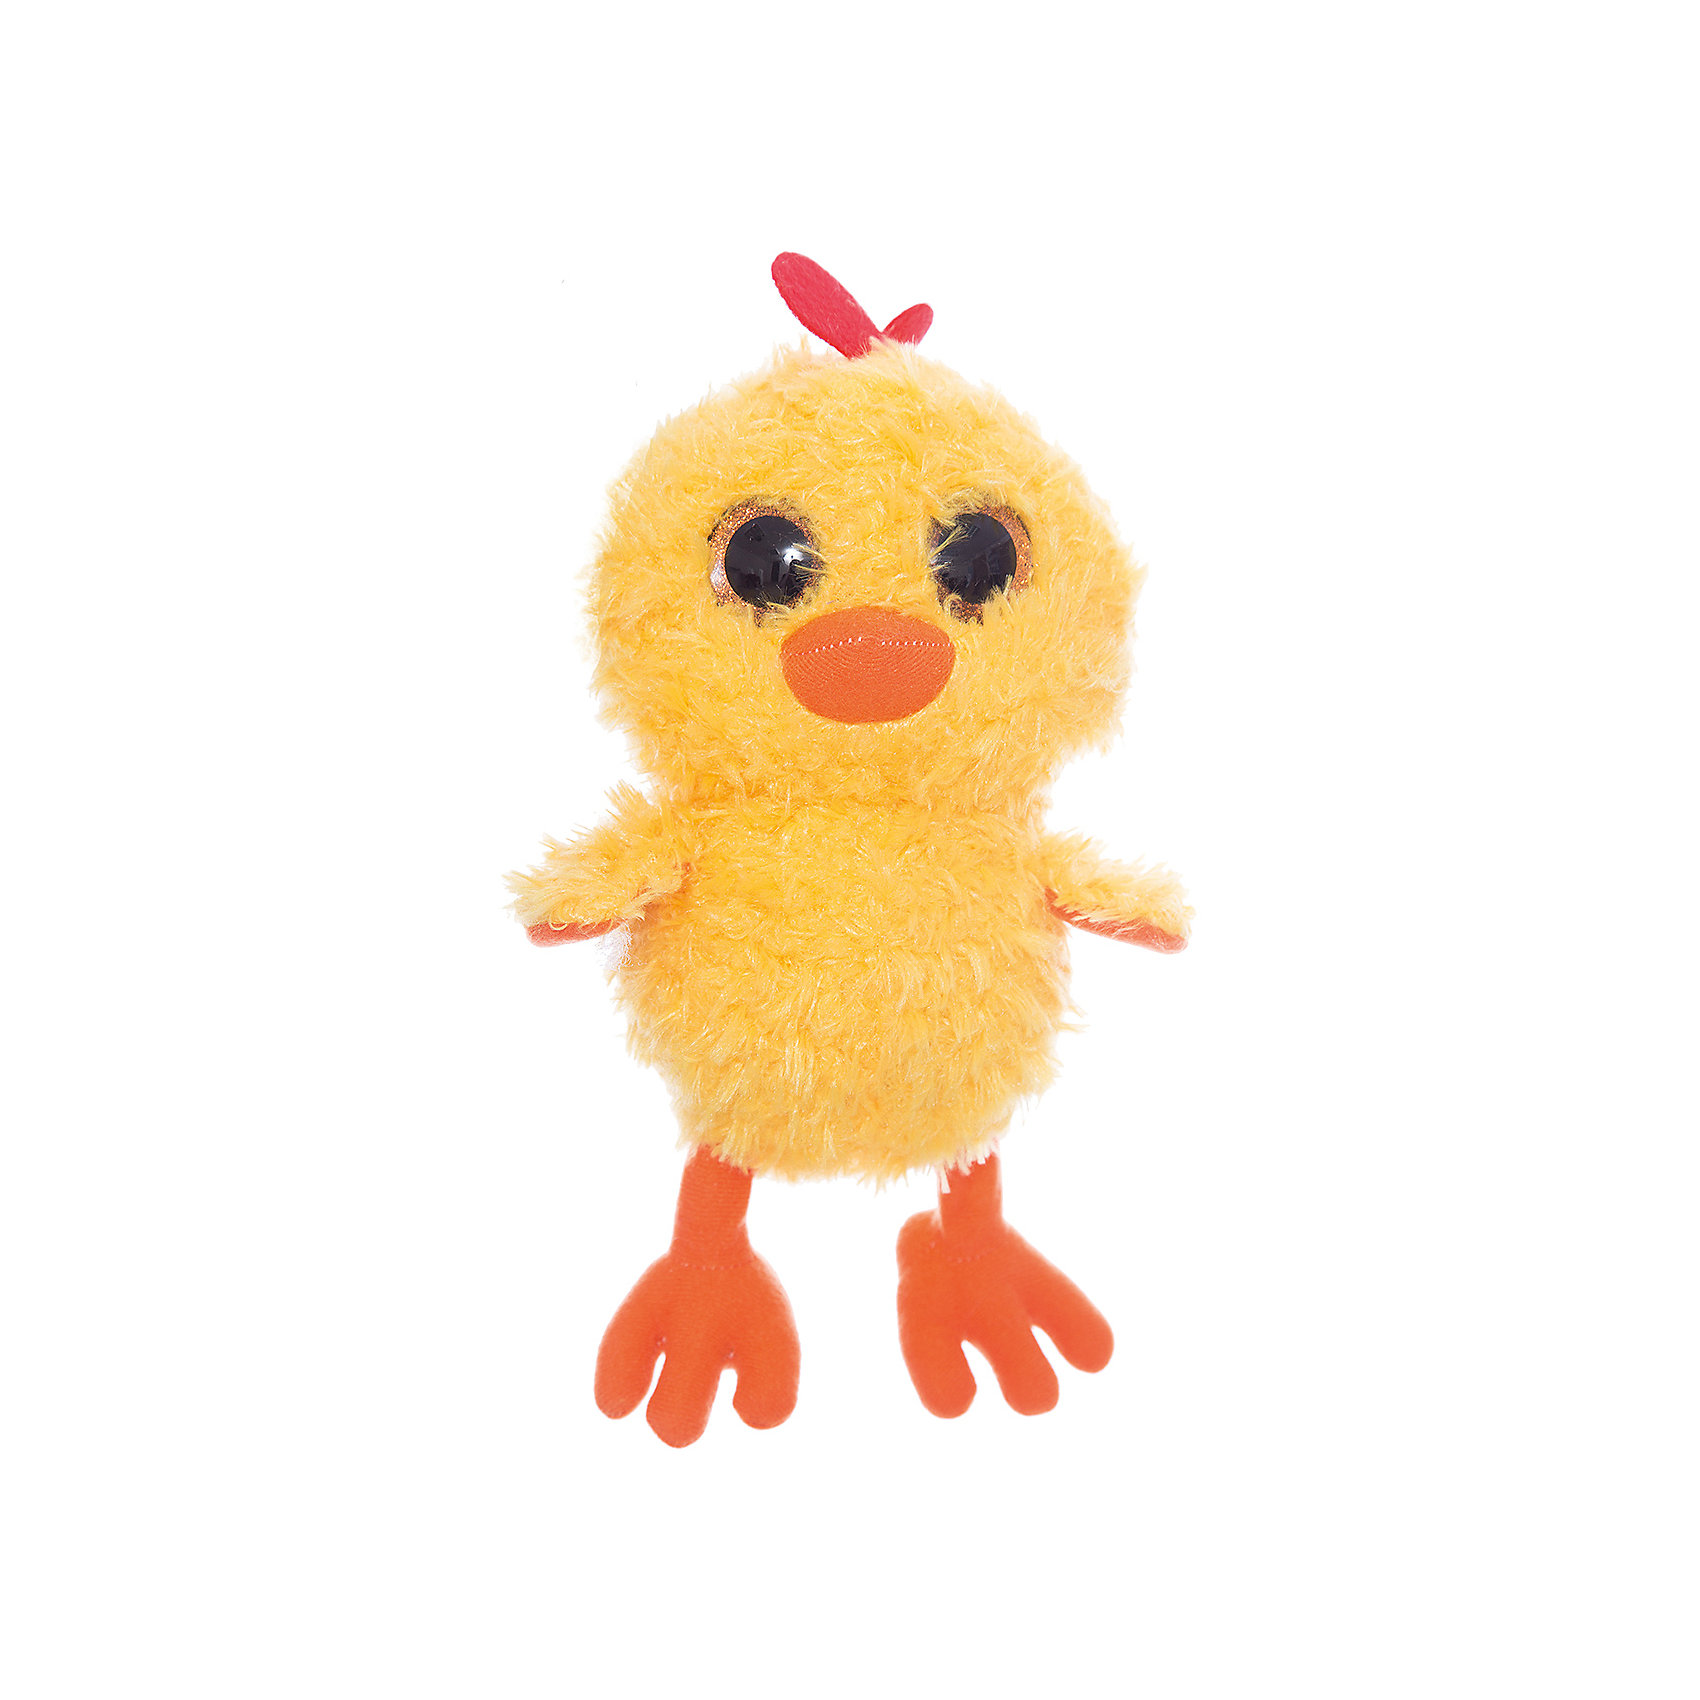 Мягкая игрушка Цыпленок глазастик, FancyЗвери и птицы<br>Характеристики:<br><br>• высота игрушки: 22 см;<br>• тип игрушки: мягконабивная;<br>• материал: текстиль, синтетический наполнитель. <br><br>Мягкая игрушка Цыпленок глазастик с огромными глазками будет сопровождать вашего малыша на прогулках, в садике, в кроватке. Цыпленок мягконабивной, приятный на ощупь, изготовлен из качественных материалов. <br><br>Мягкую игрушку Цыпленок глазастик, Fancy можно купить в нашем магазине.<br><br>Ширина мм: 140<br>Глубина мм: 150<br>Высота мм: 230<br>Вес г: 135<br>Возраст от месяцев: 36<br>Возраст до месяцев: 2147483647<br>Пол: Унисекс<br>Возраст: Детский<br>SKU: 5268993